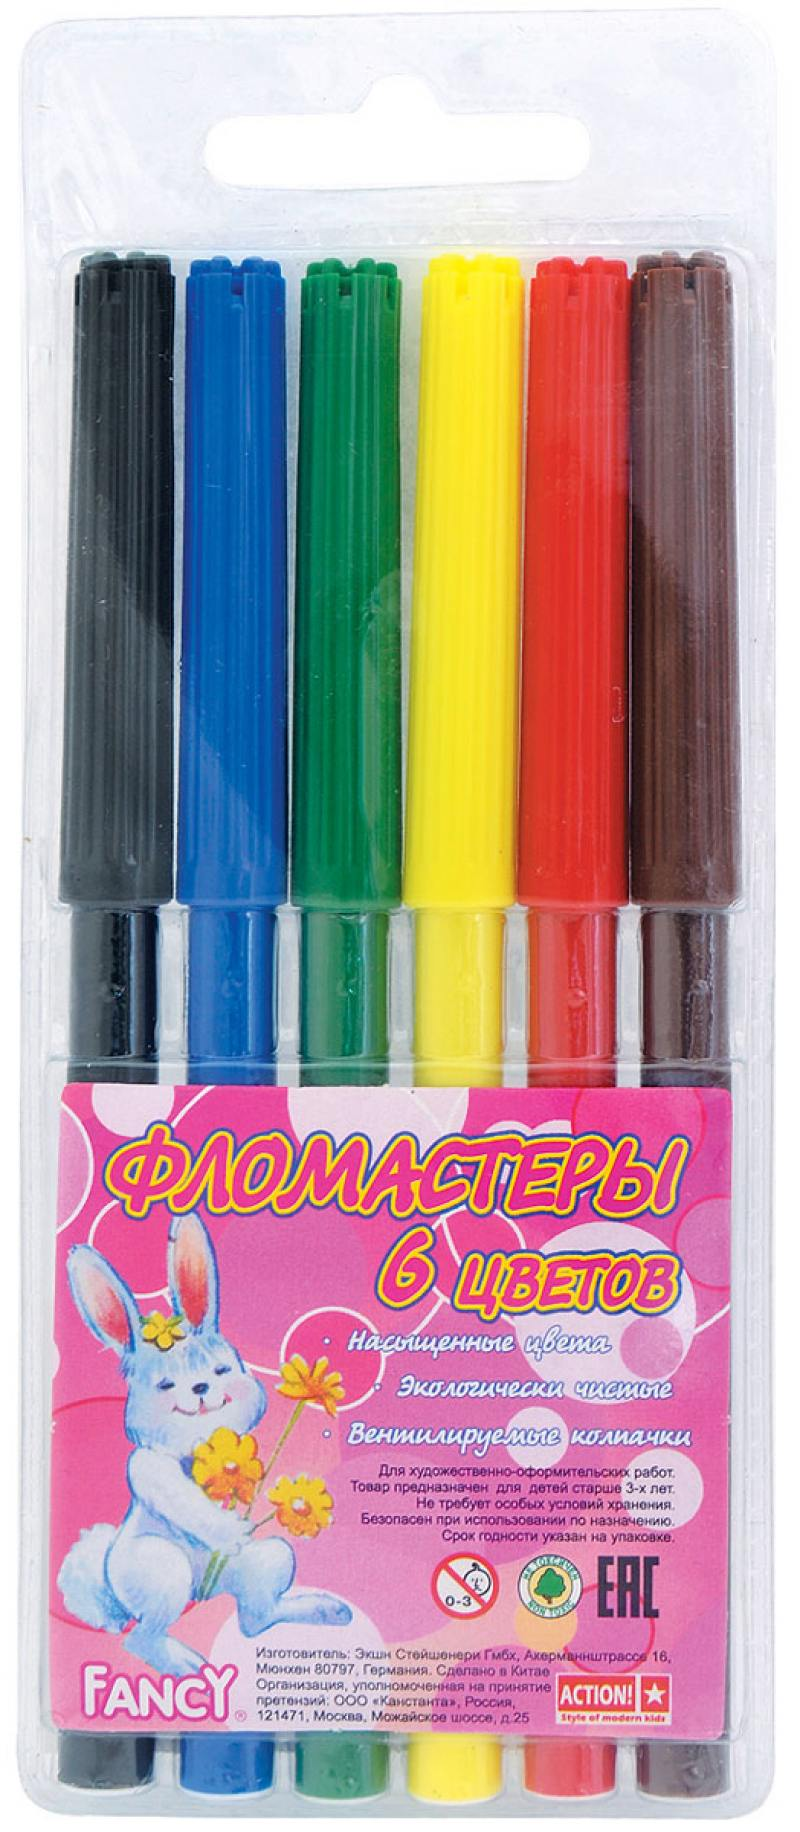 Набор фломастеров Action! Fancy 6 шт разноцветный FWP129-06 FWP129-06 набор фломастеров action fancy 2в1 20 шт разноцветный